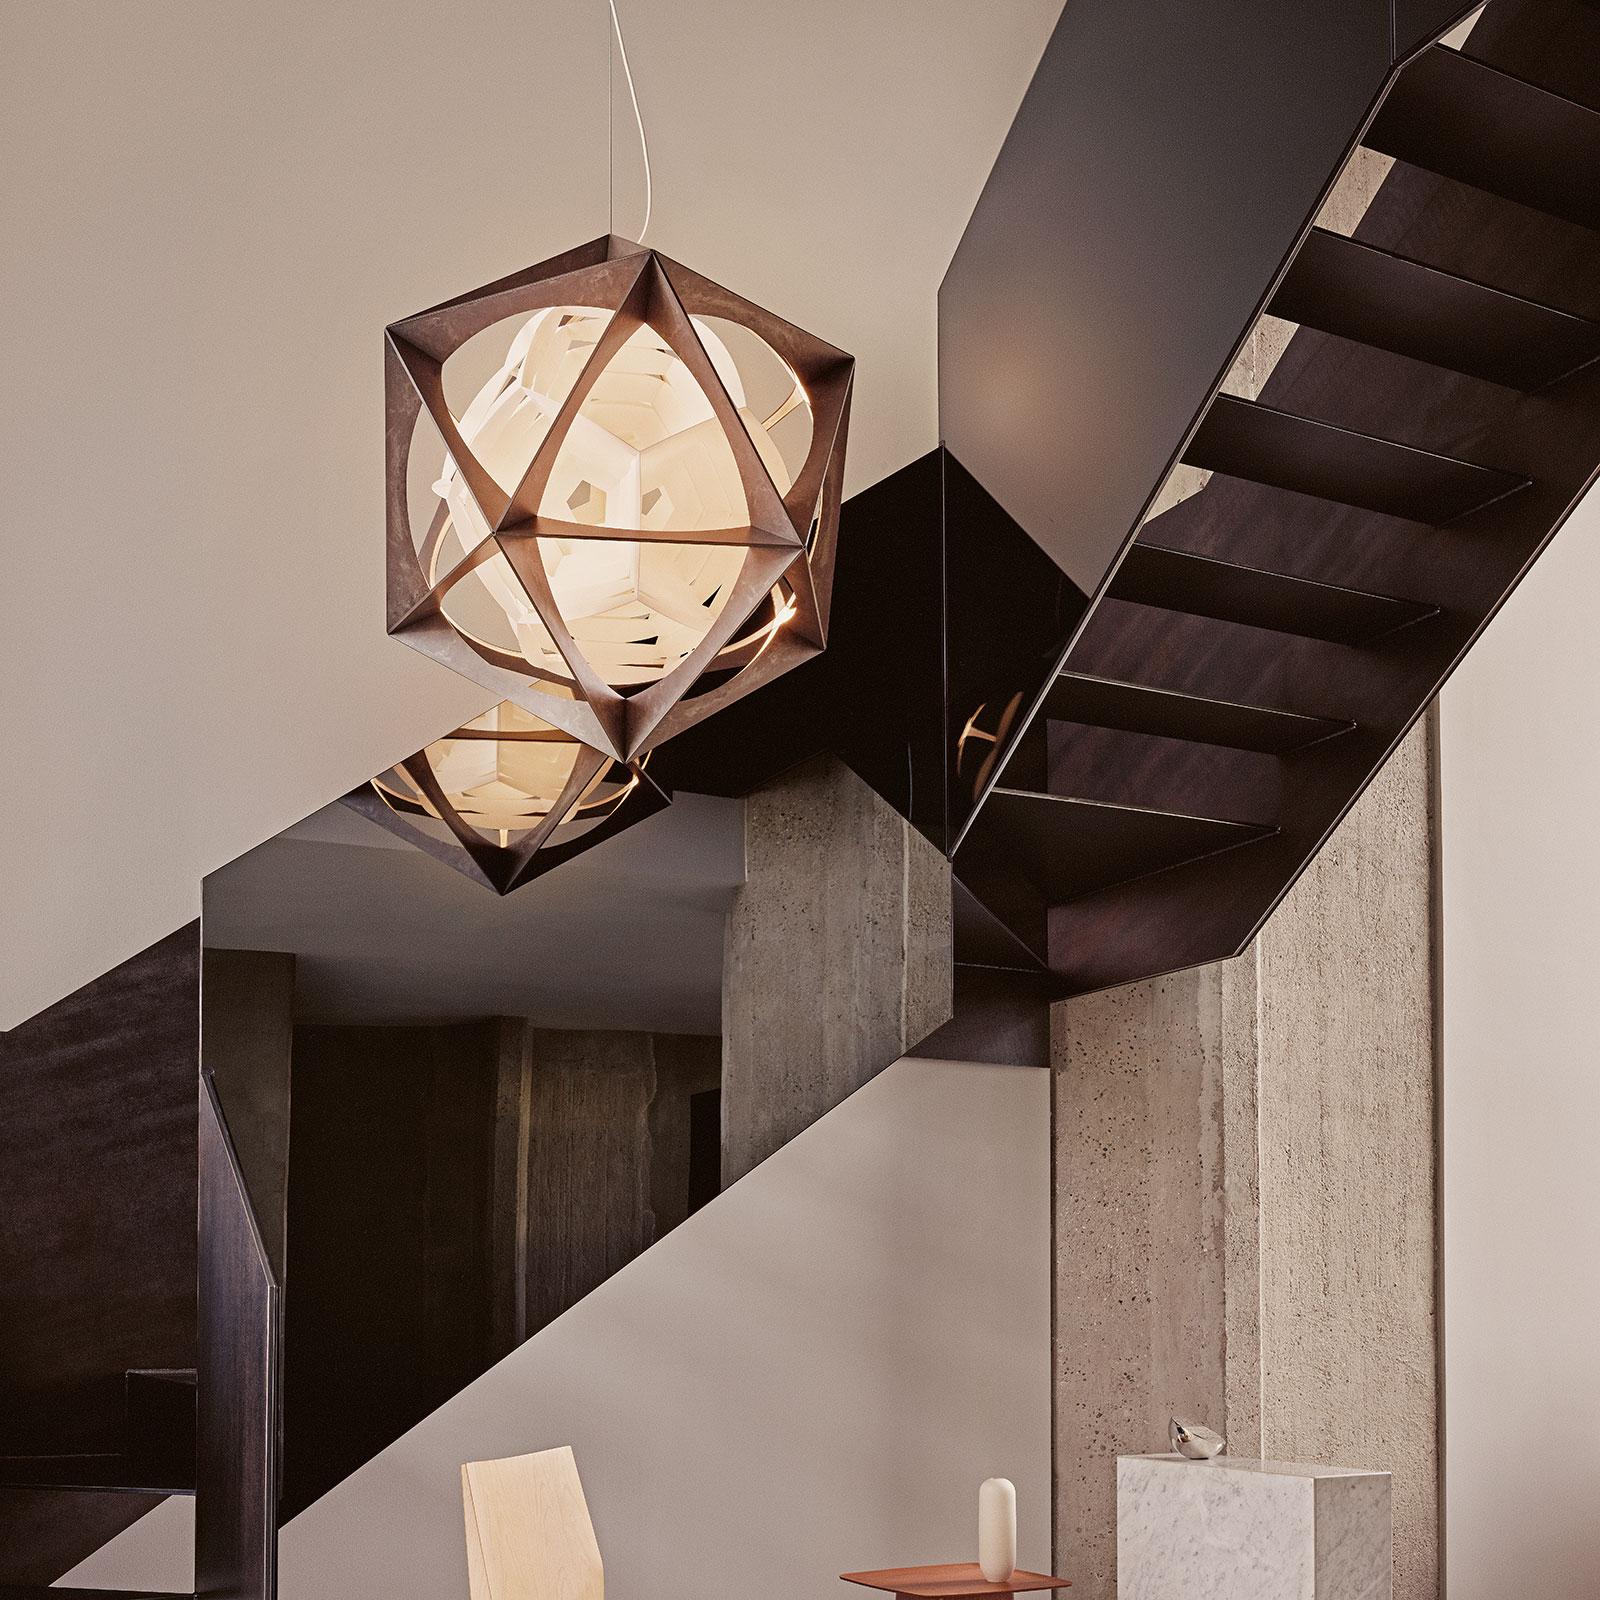 Louis Poulsen LED hanglamp OE Quasi, 2.700 K